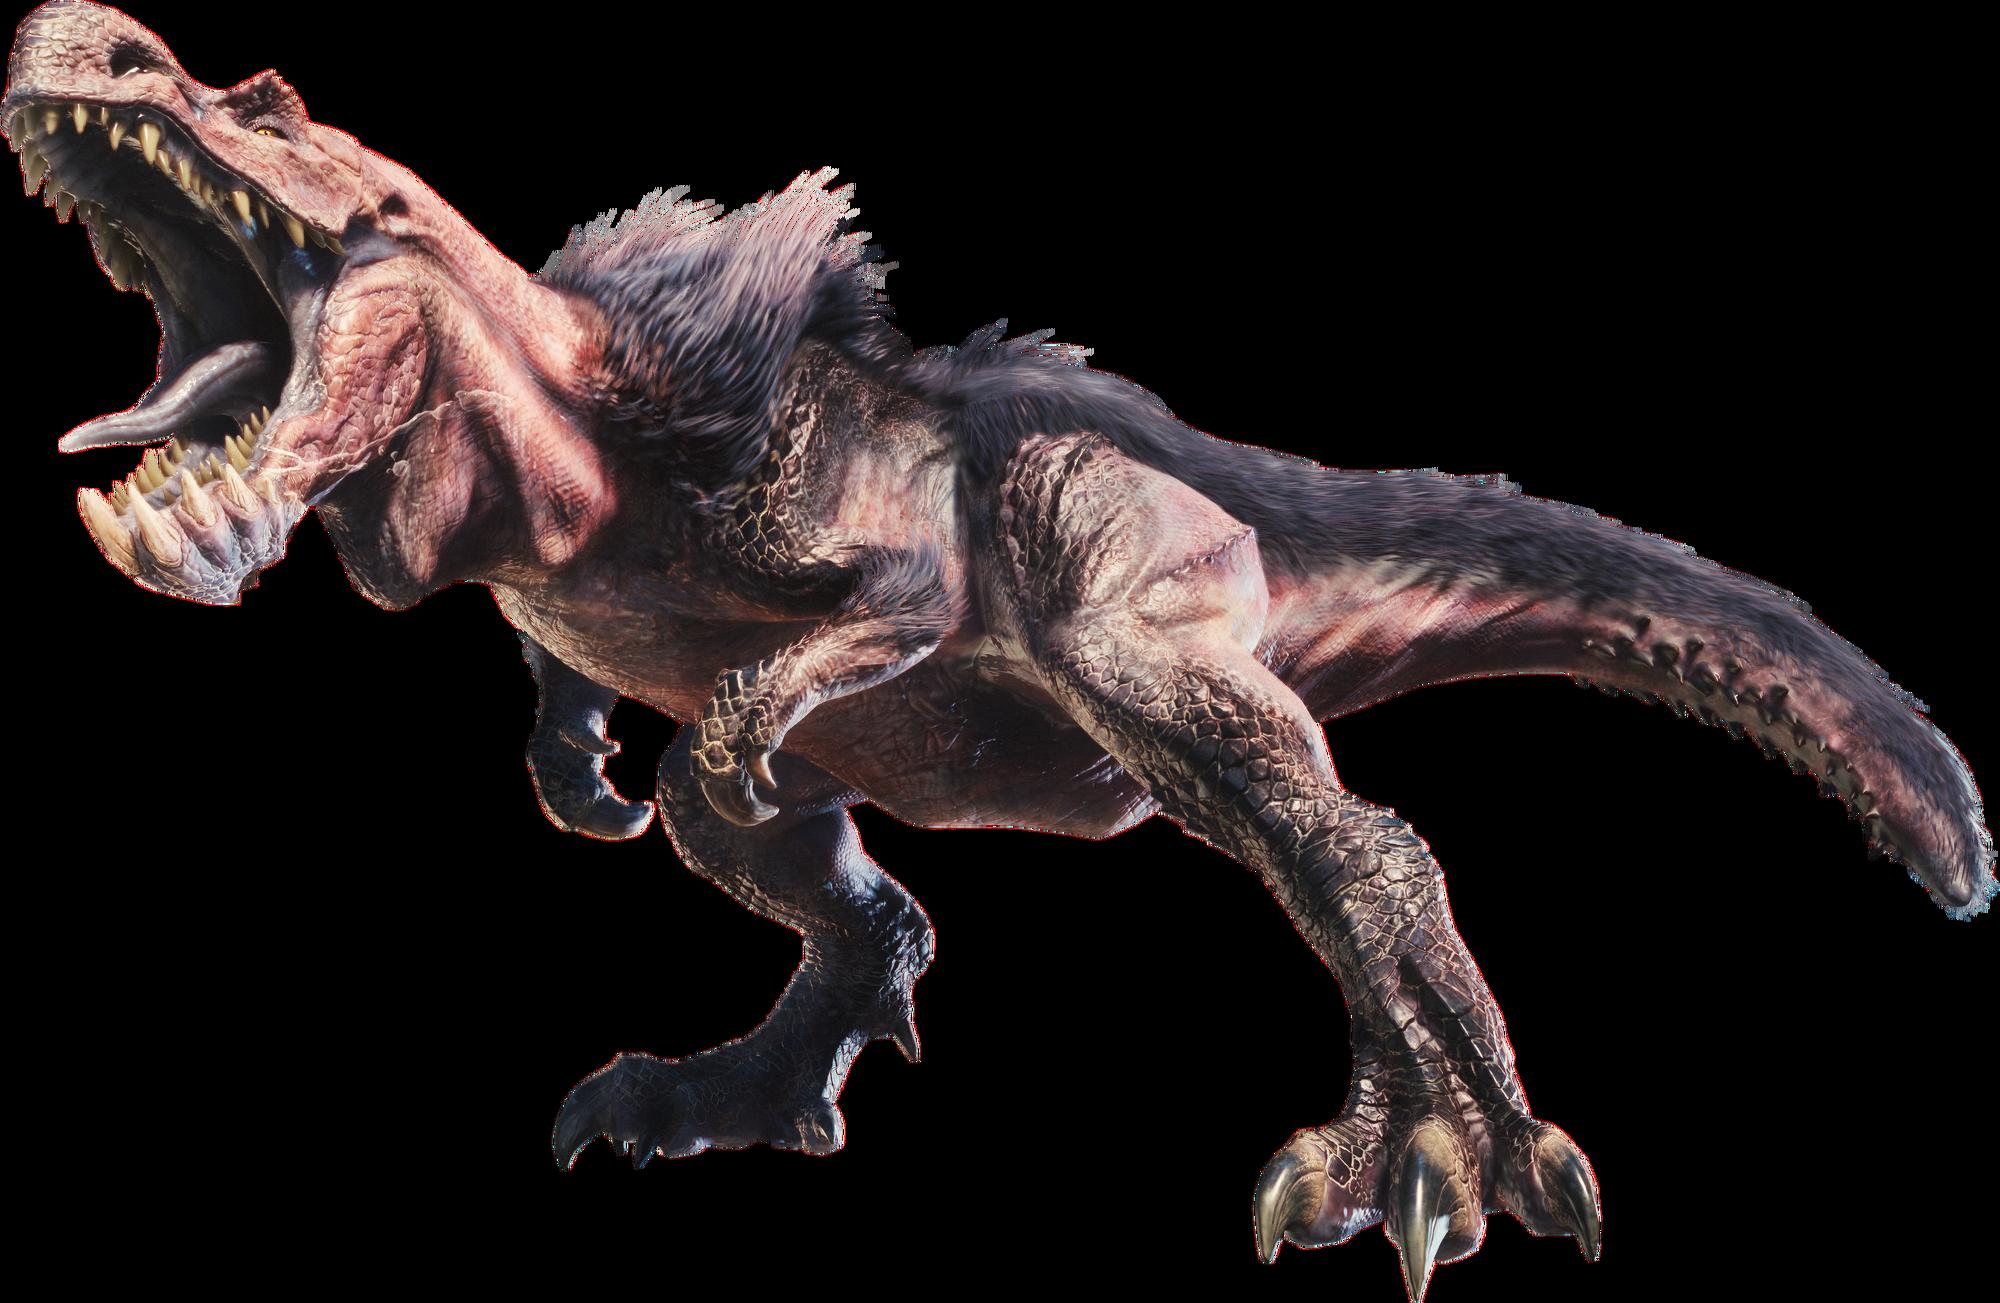 monster hunter dinosaursçåçæå°çµæ